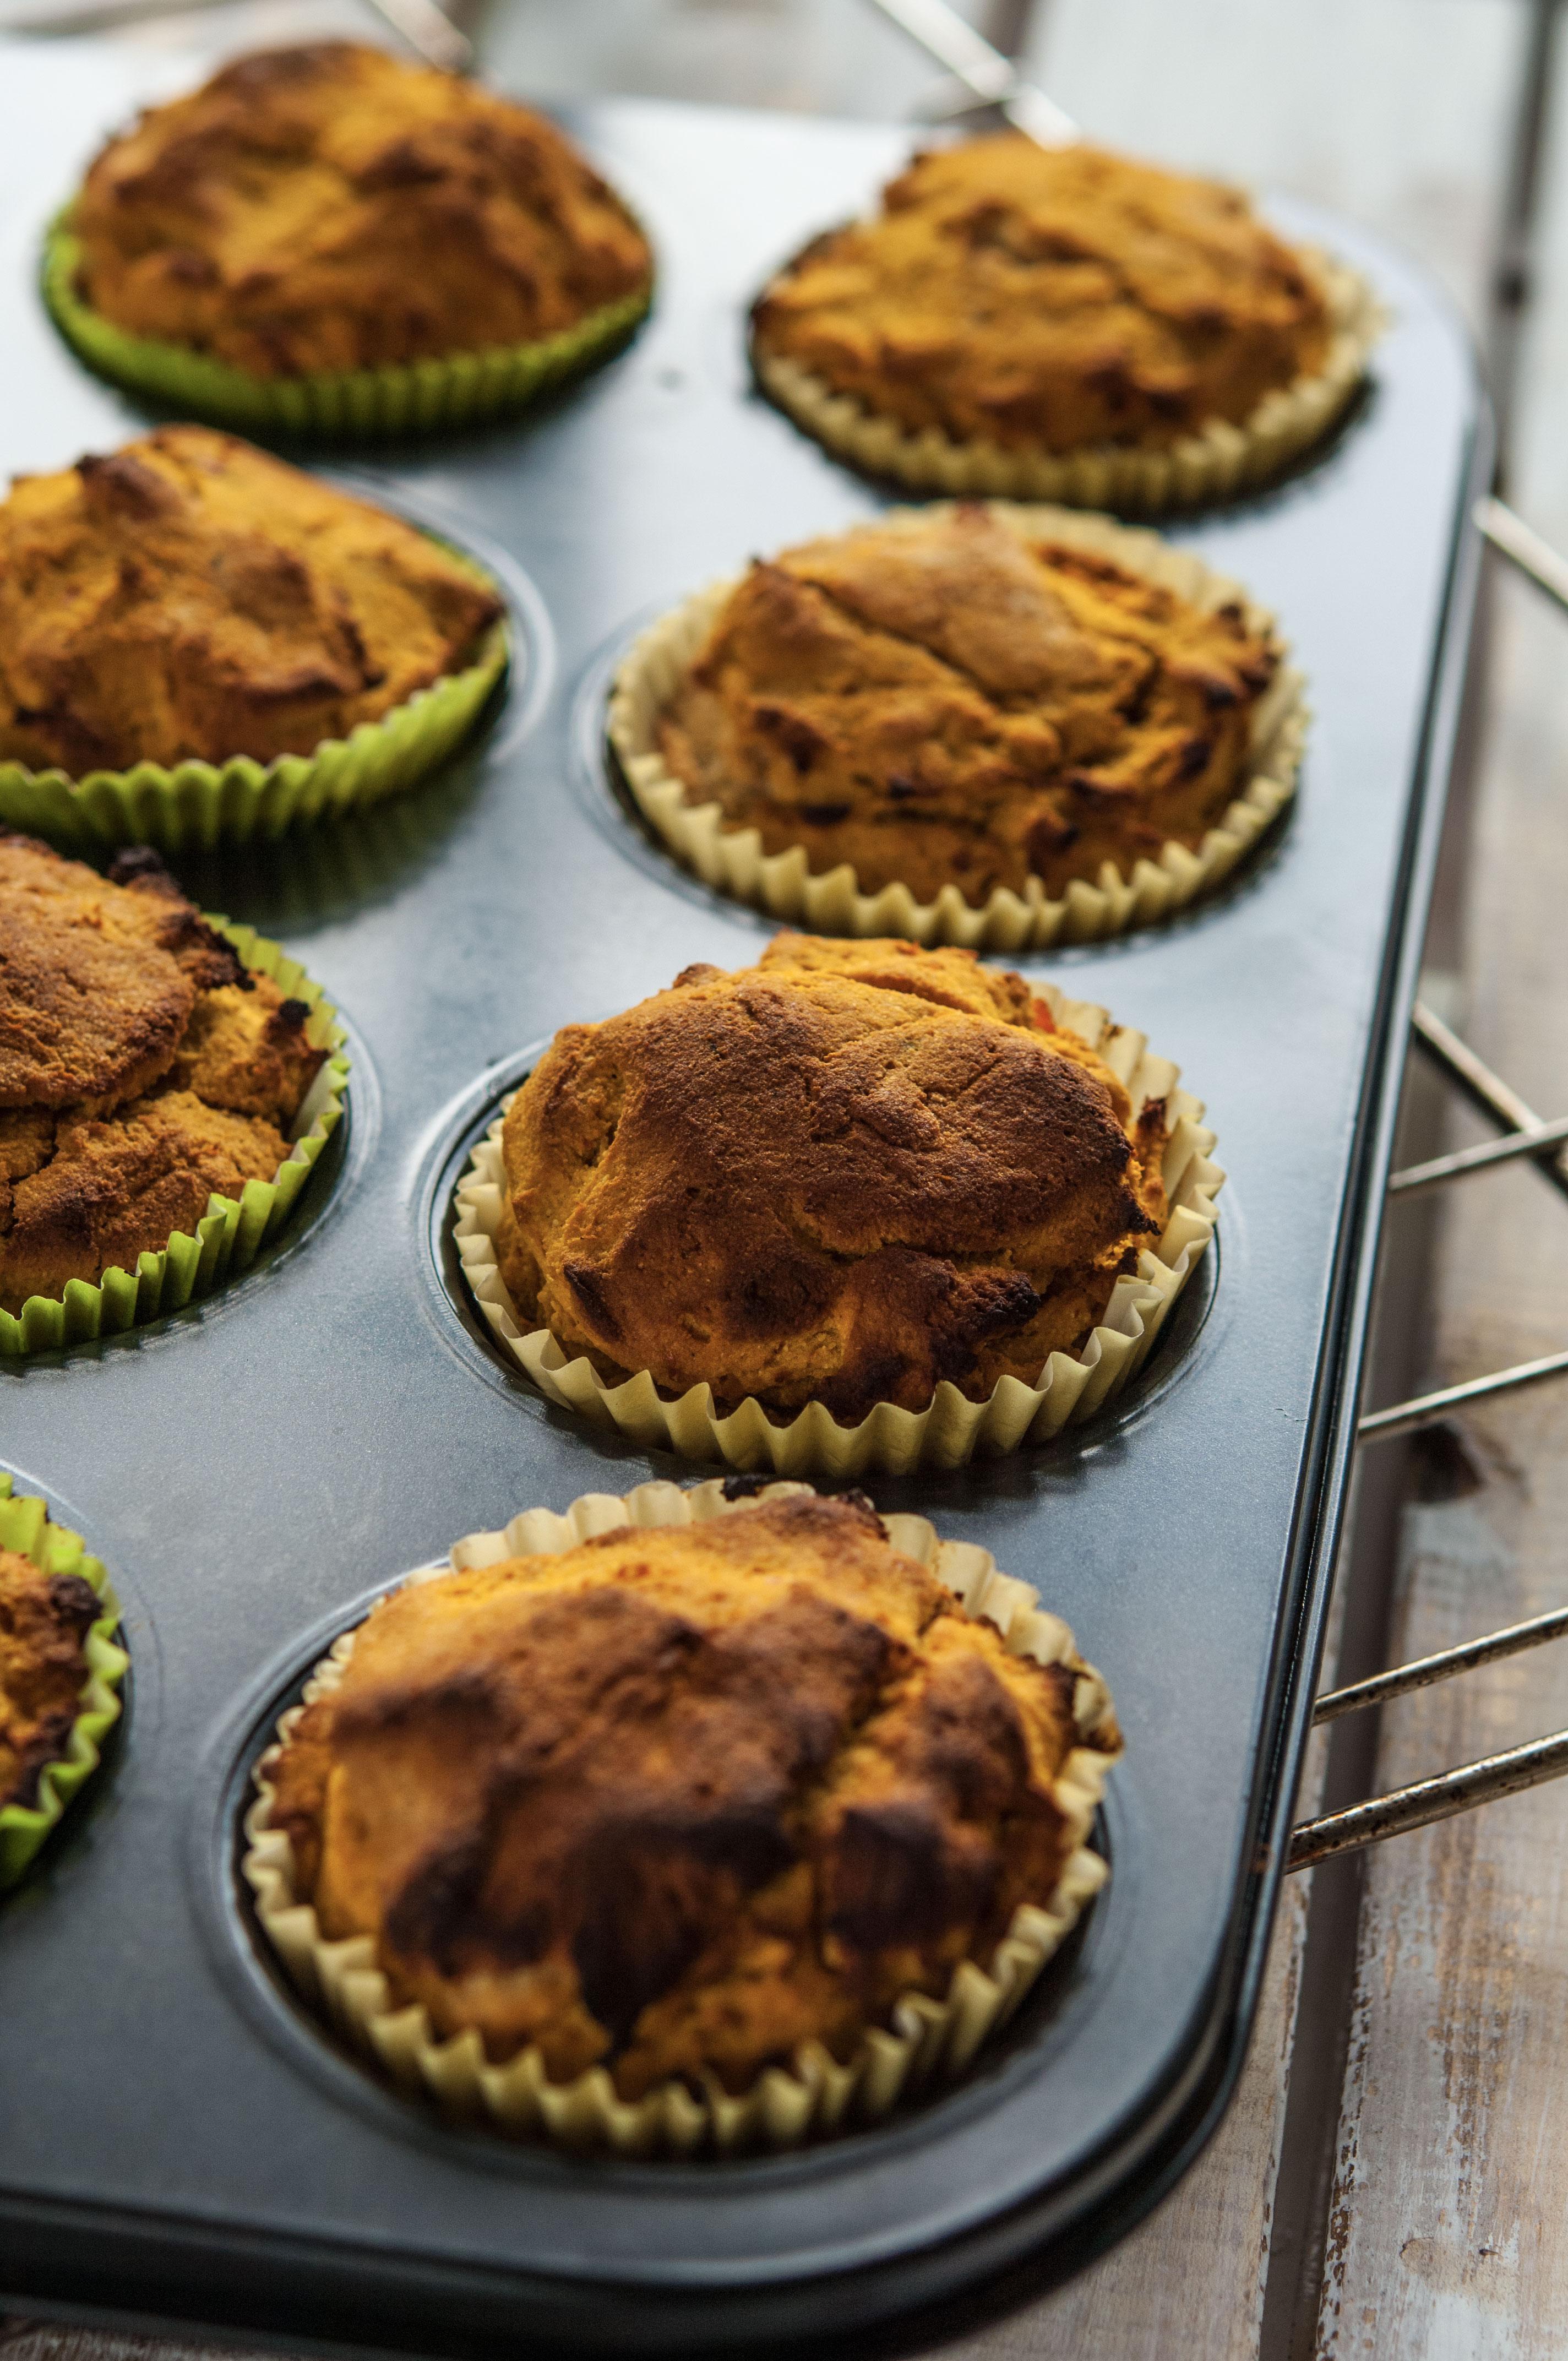 paleo k rbis muffins nat rlich essen ab heute gesund. Black Bedroom Furniture Sets. Home Design Ideas